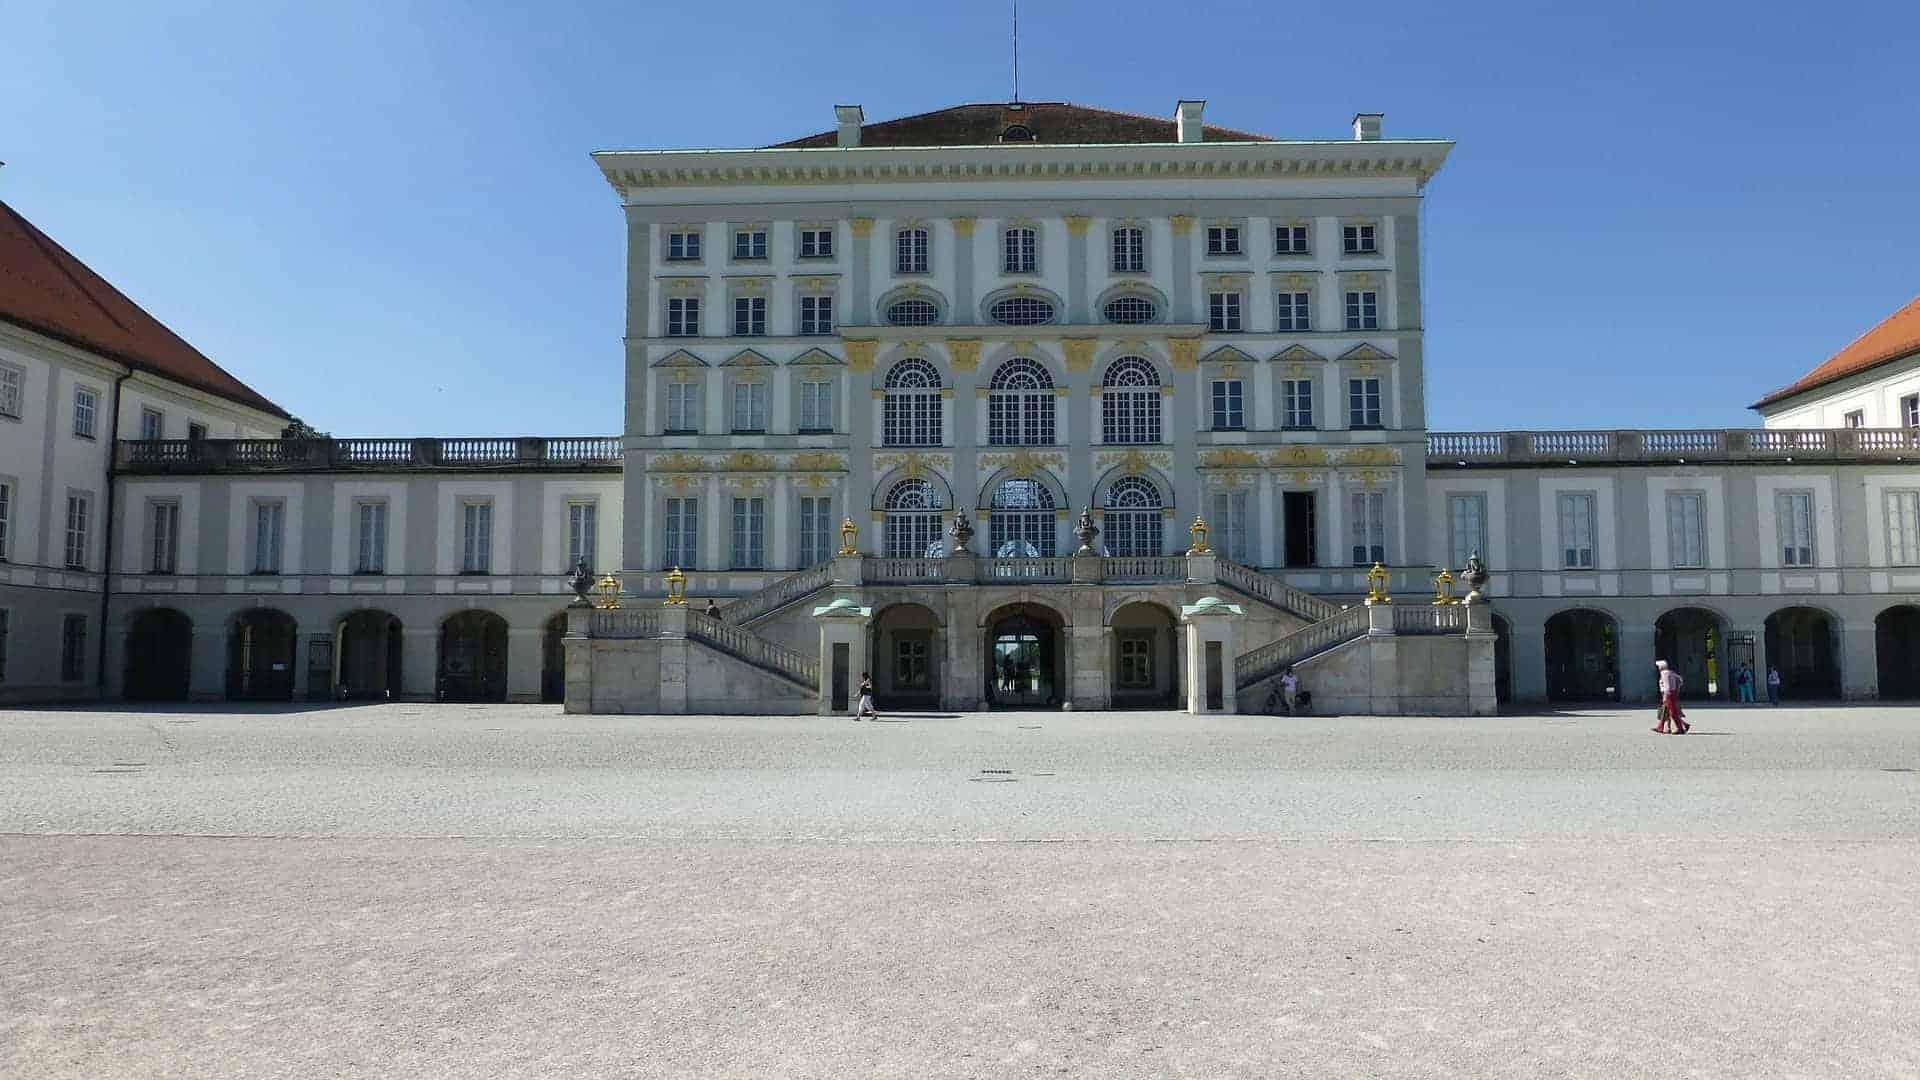 München_Schloss_Nympenburg_Eingang